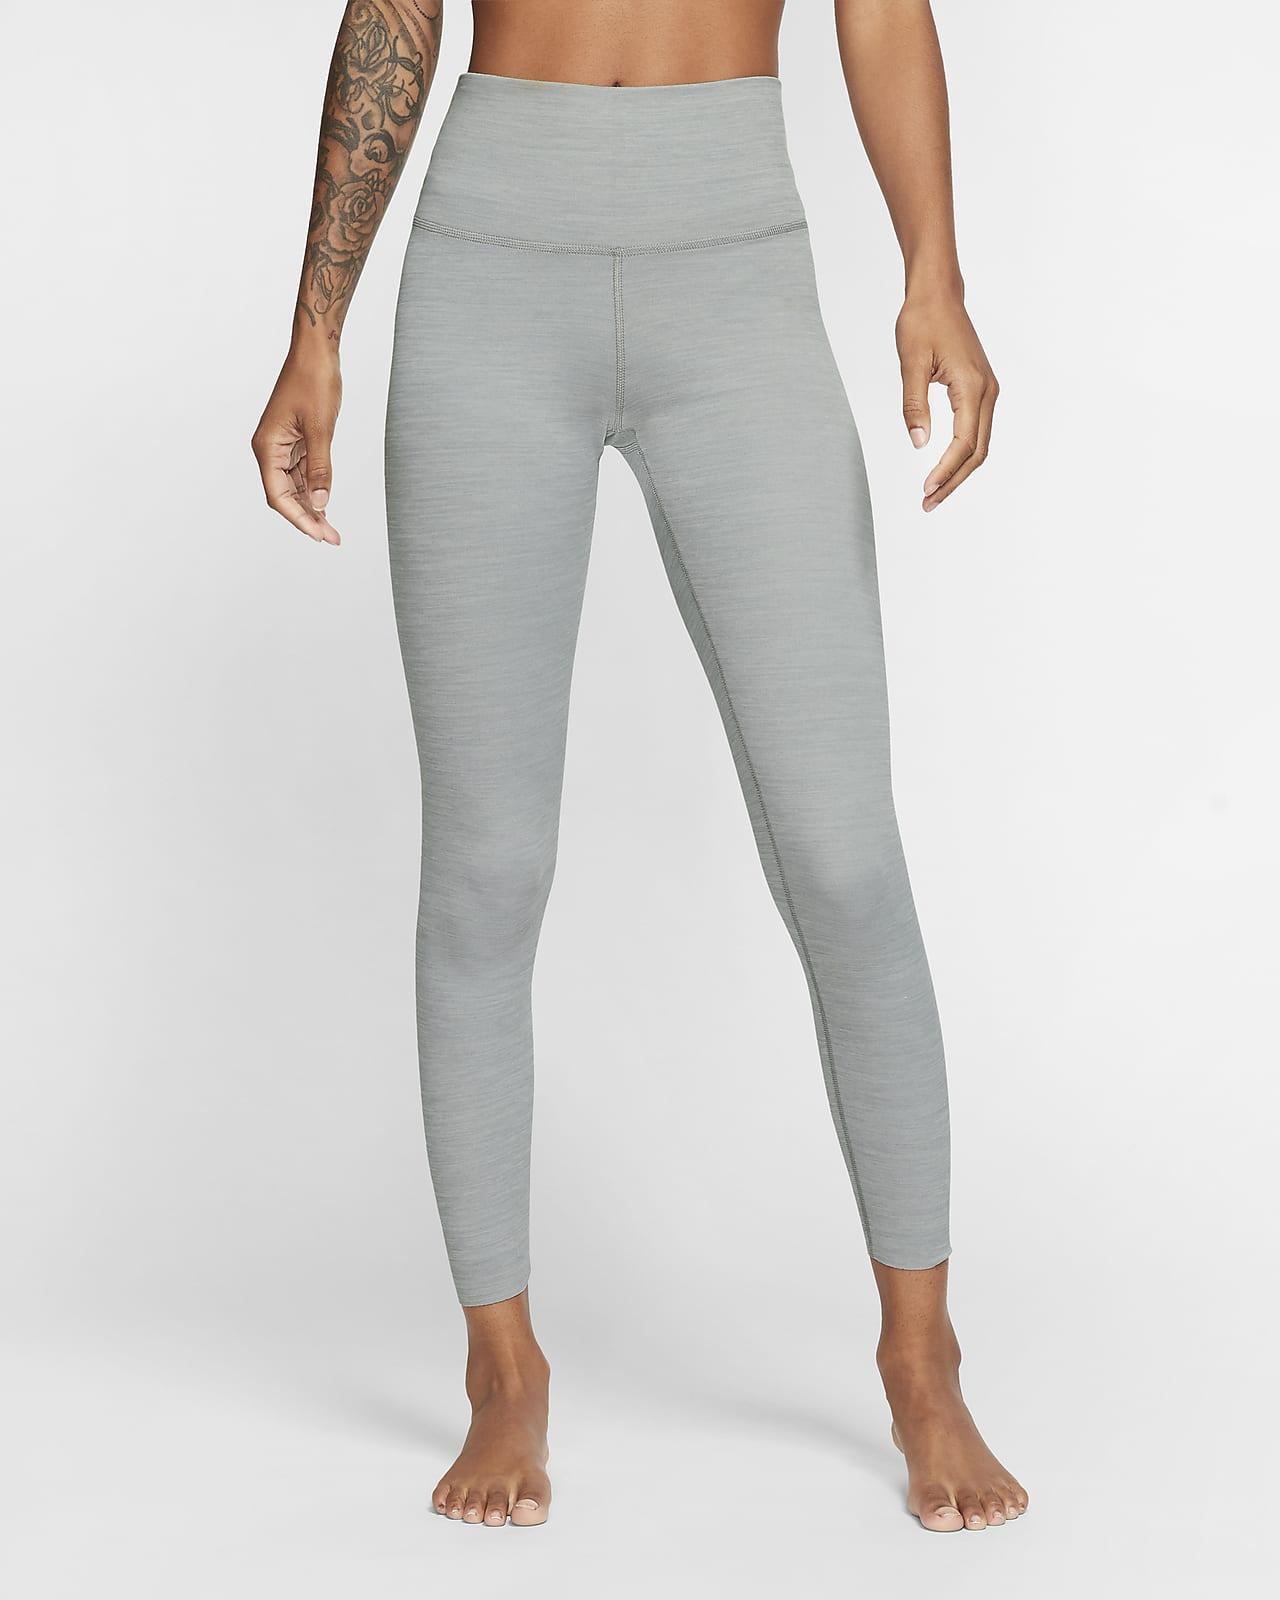 Nike Yoga Luxe Yüksek Belli 7/8 Infinalon Kadın Taytı